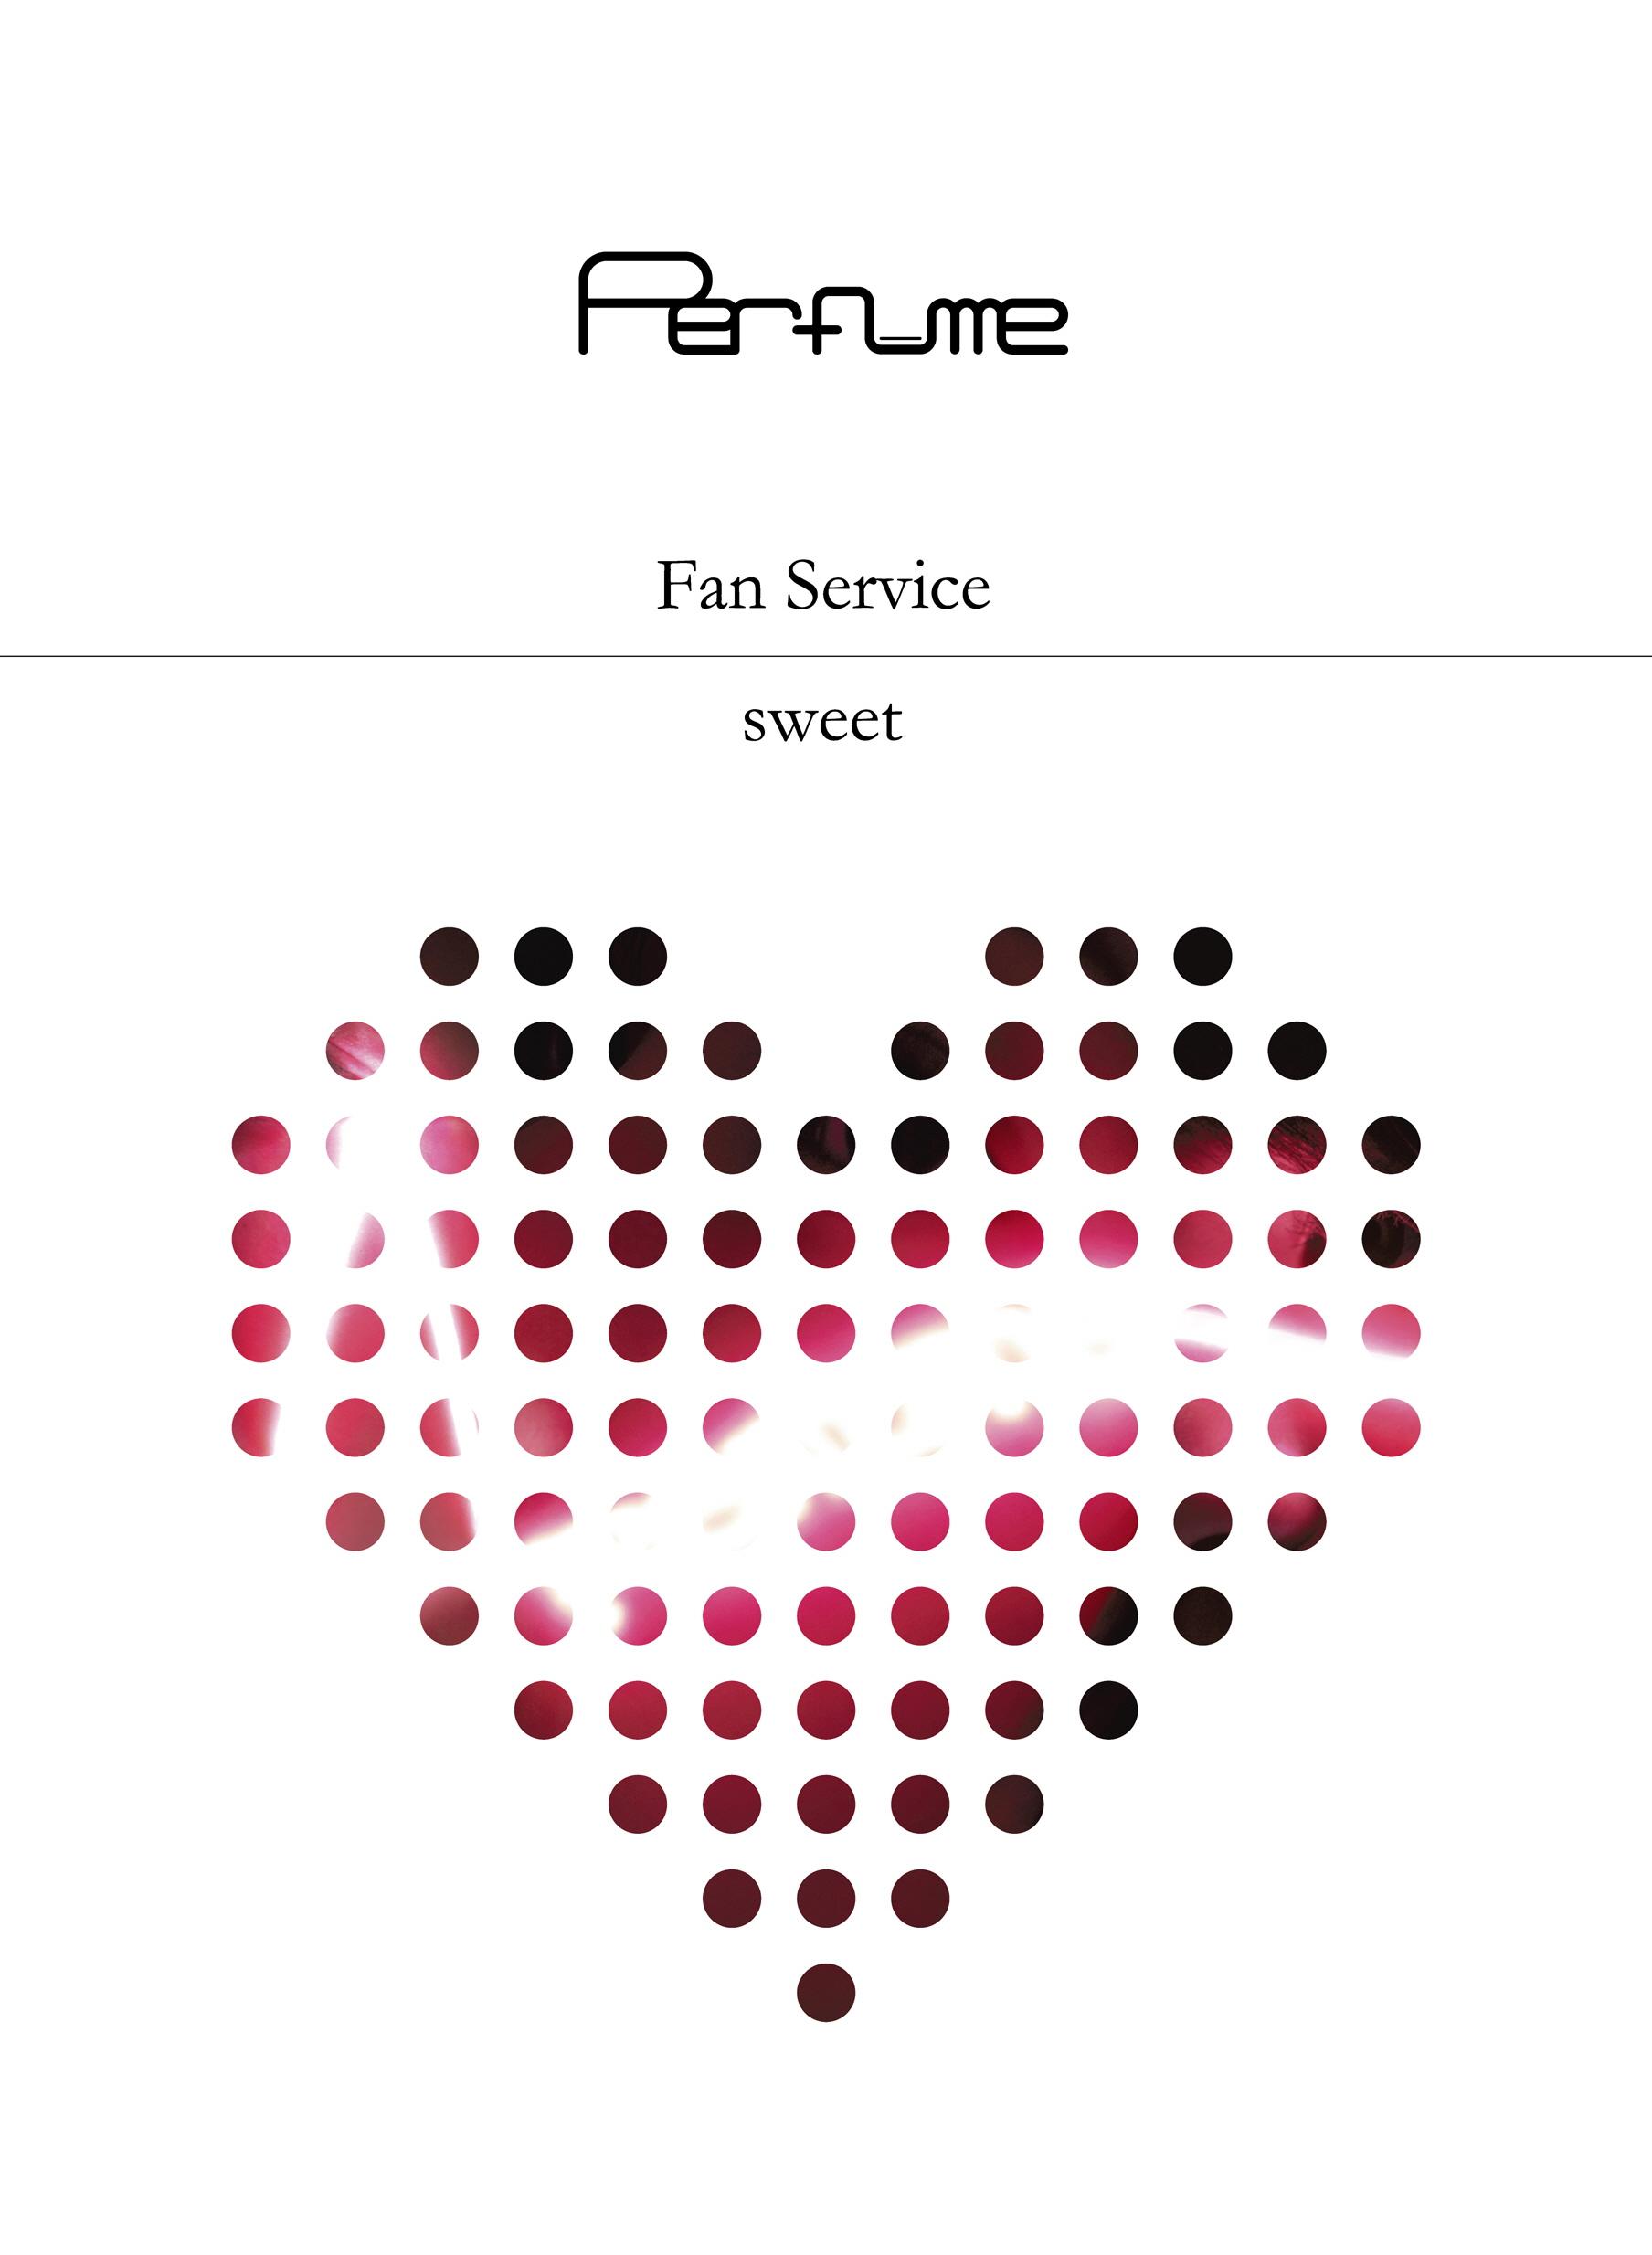 Perfume_fan_service_sweet.jpg